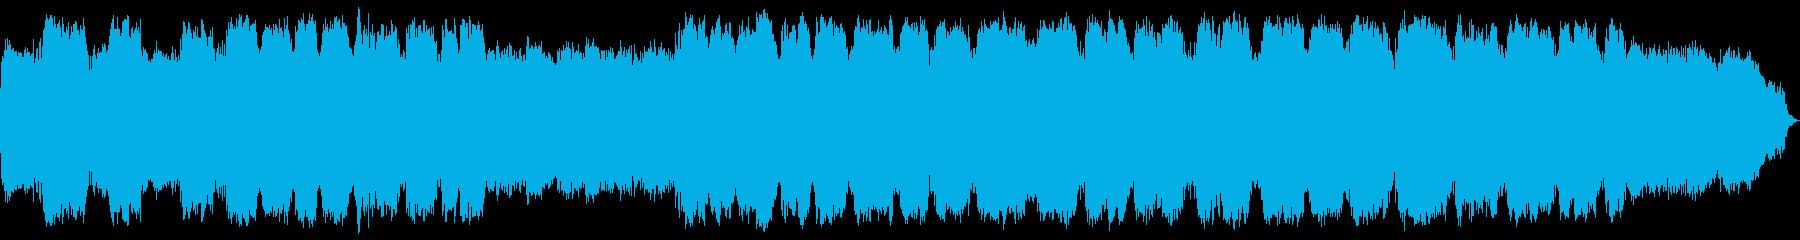 落ち着く笛の音色のヒーリングミュージックの再生済みの波形